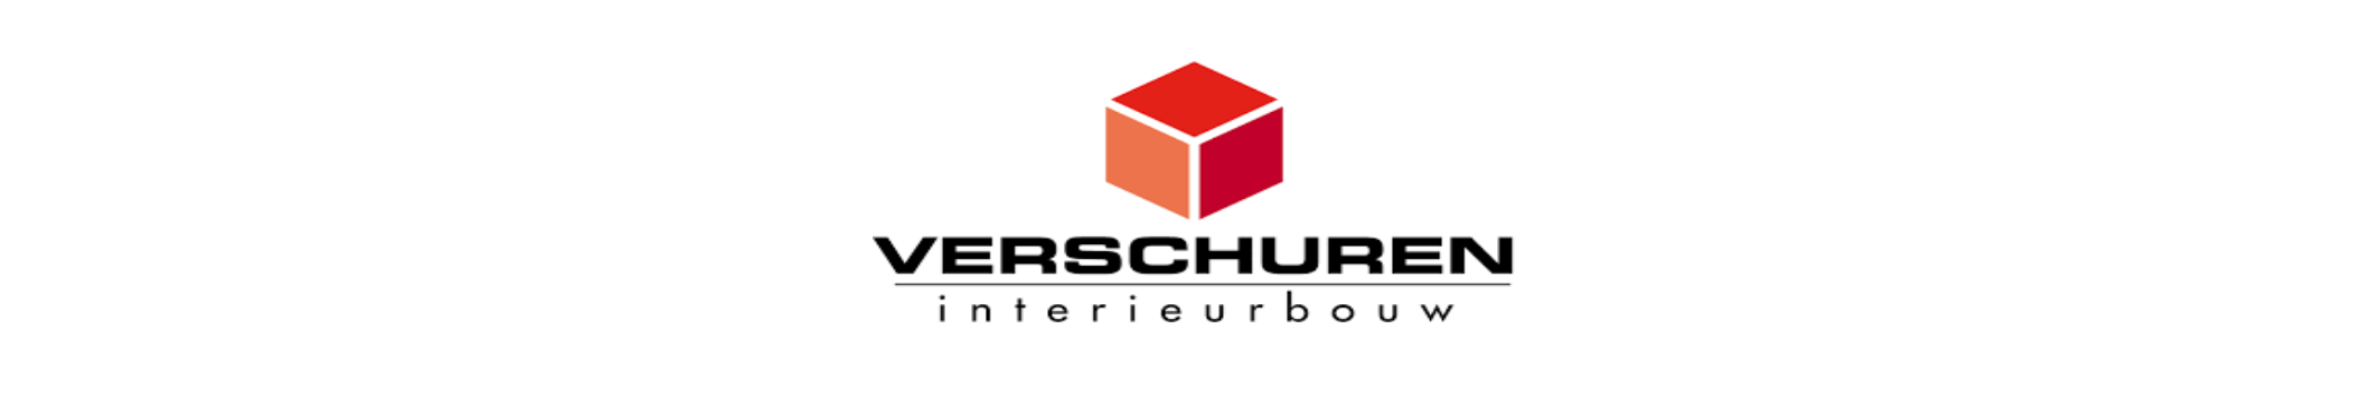 Langwerpig logo van Verschuren Interieurbouw